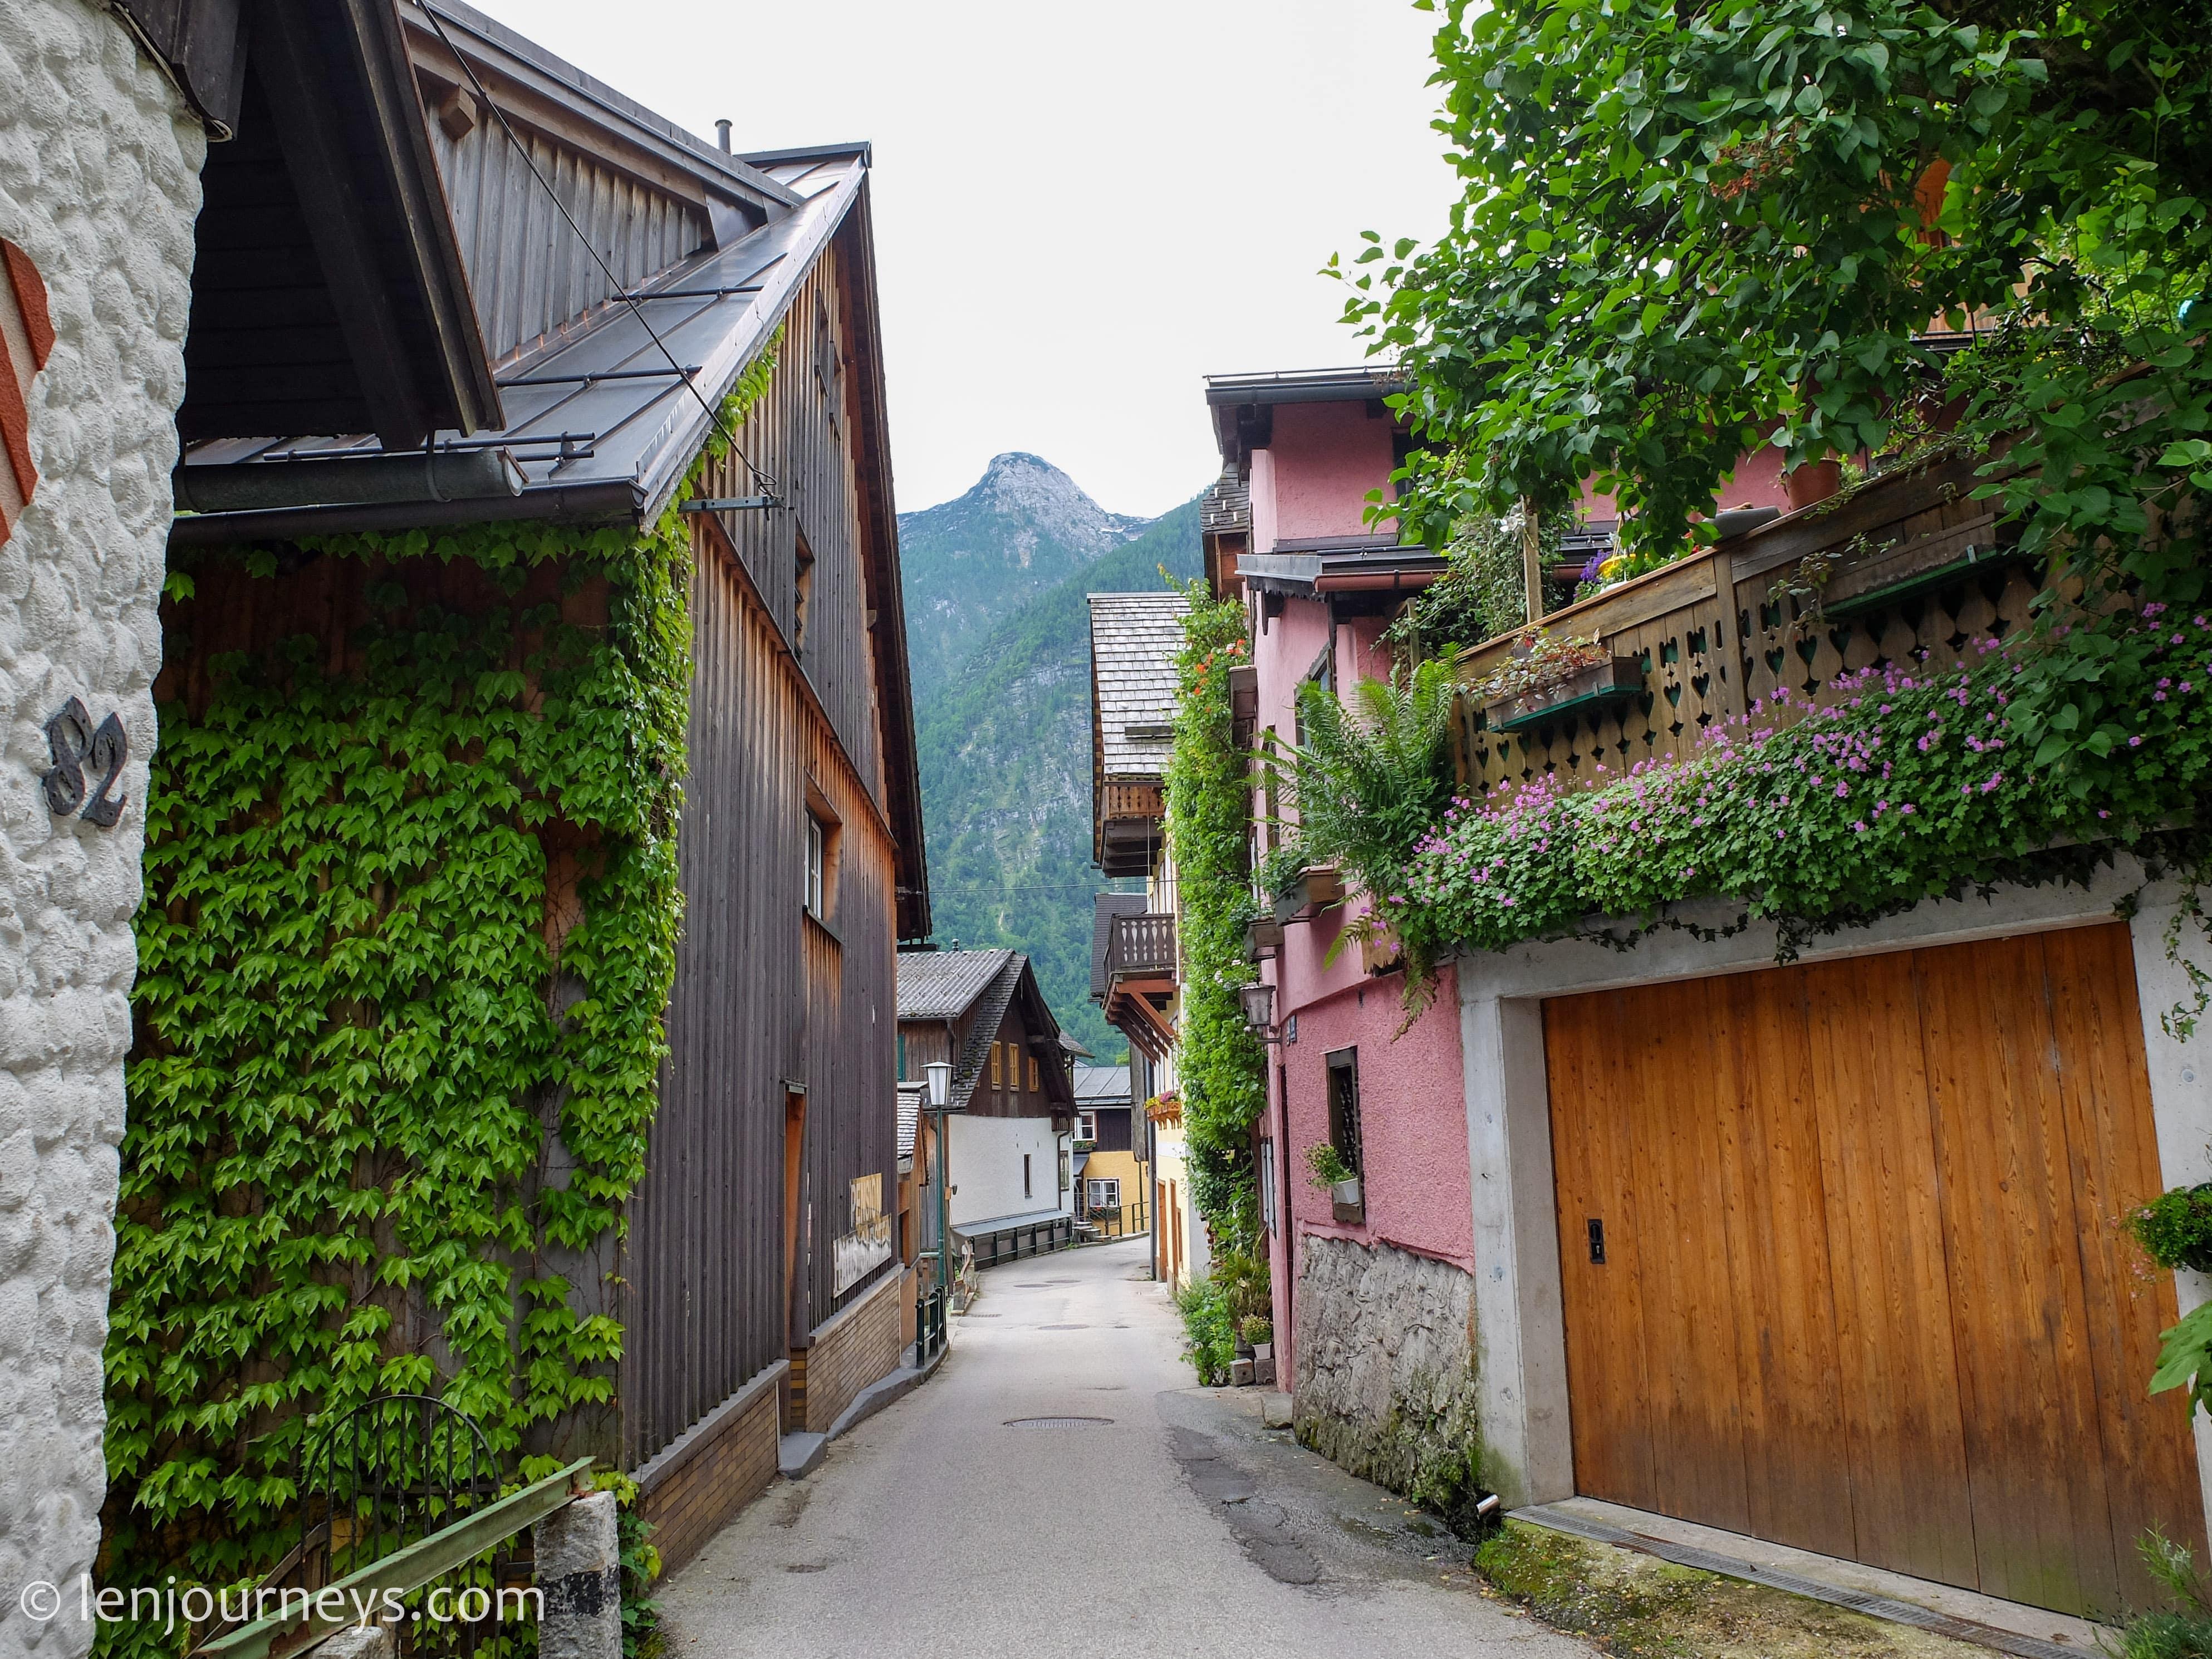 Alley in Hallstatt